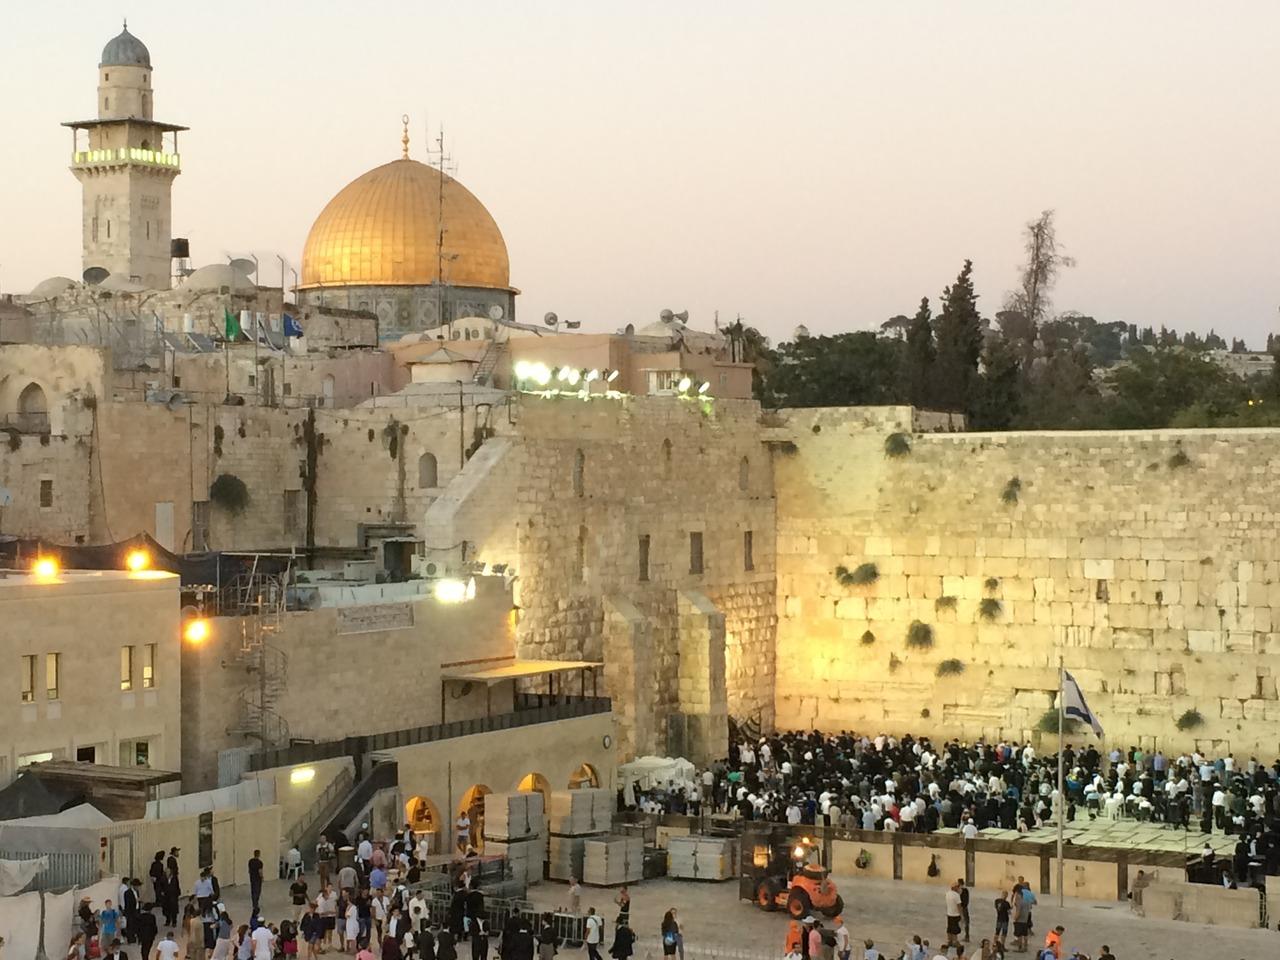 2015夏ヨルダン・イスラエル旅行記②』エルサレム(イスラエル)の